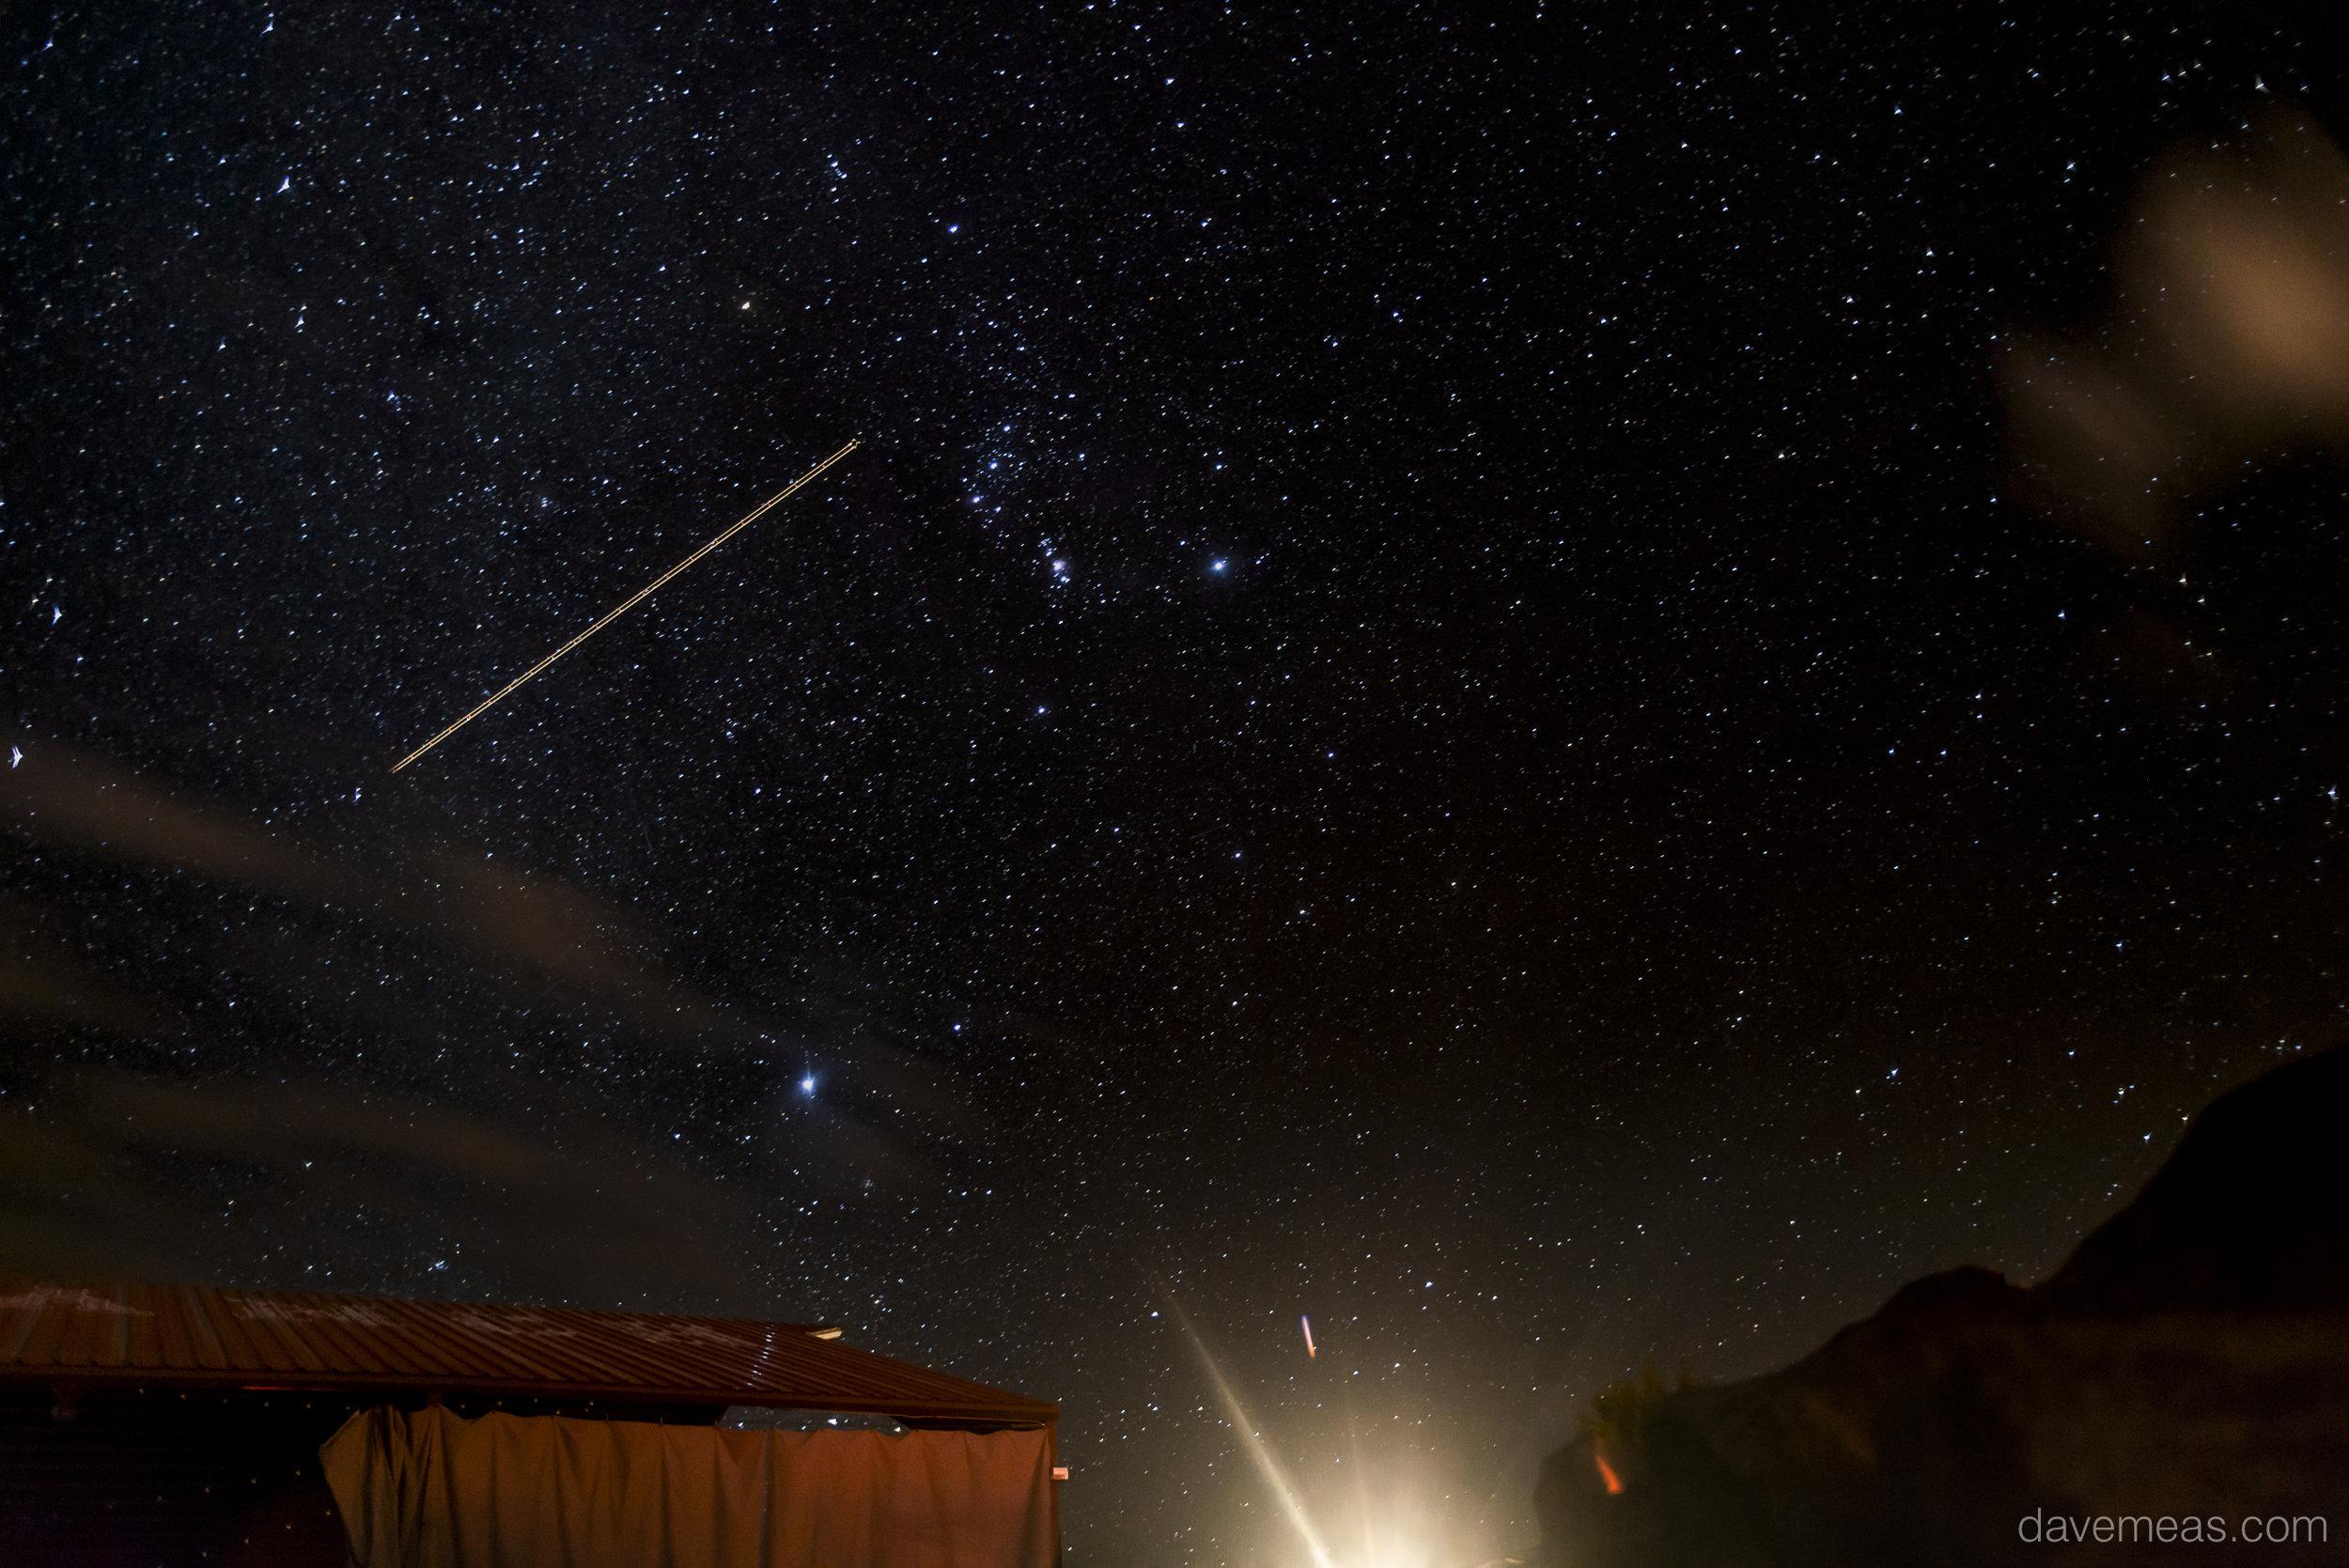 gunnison stars cass 10062018 6 of 14.jpg